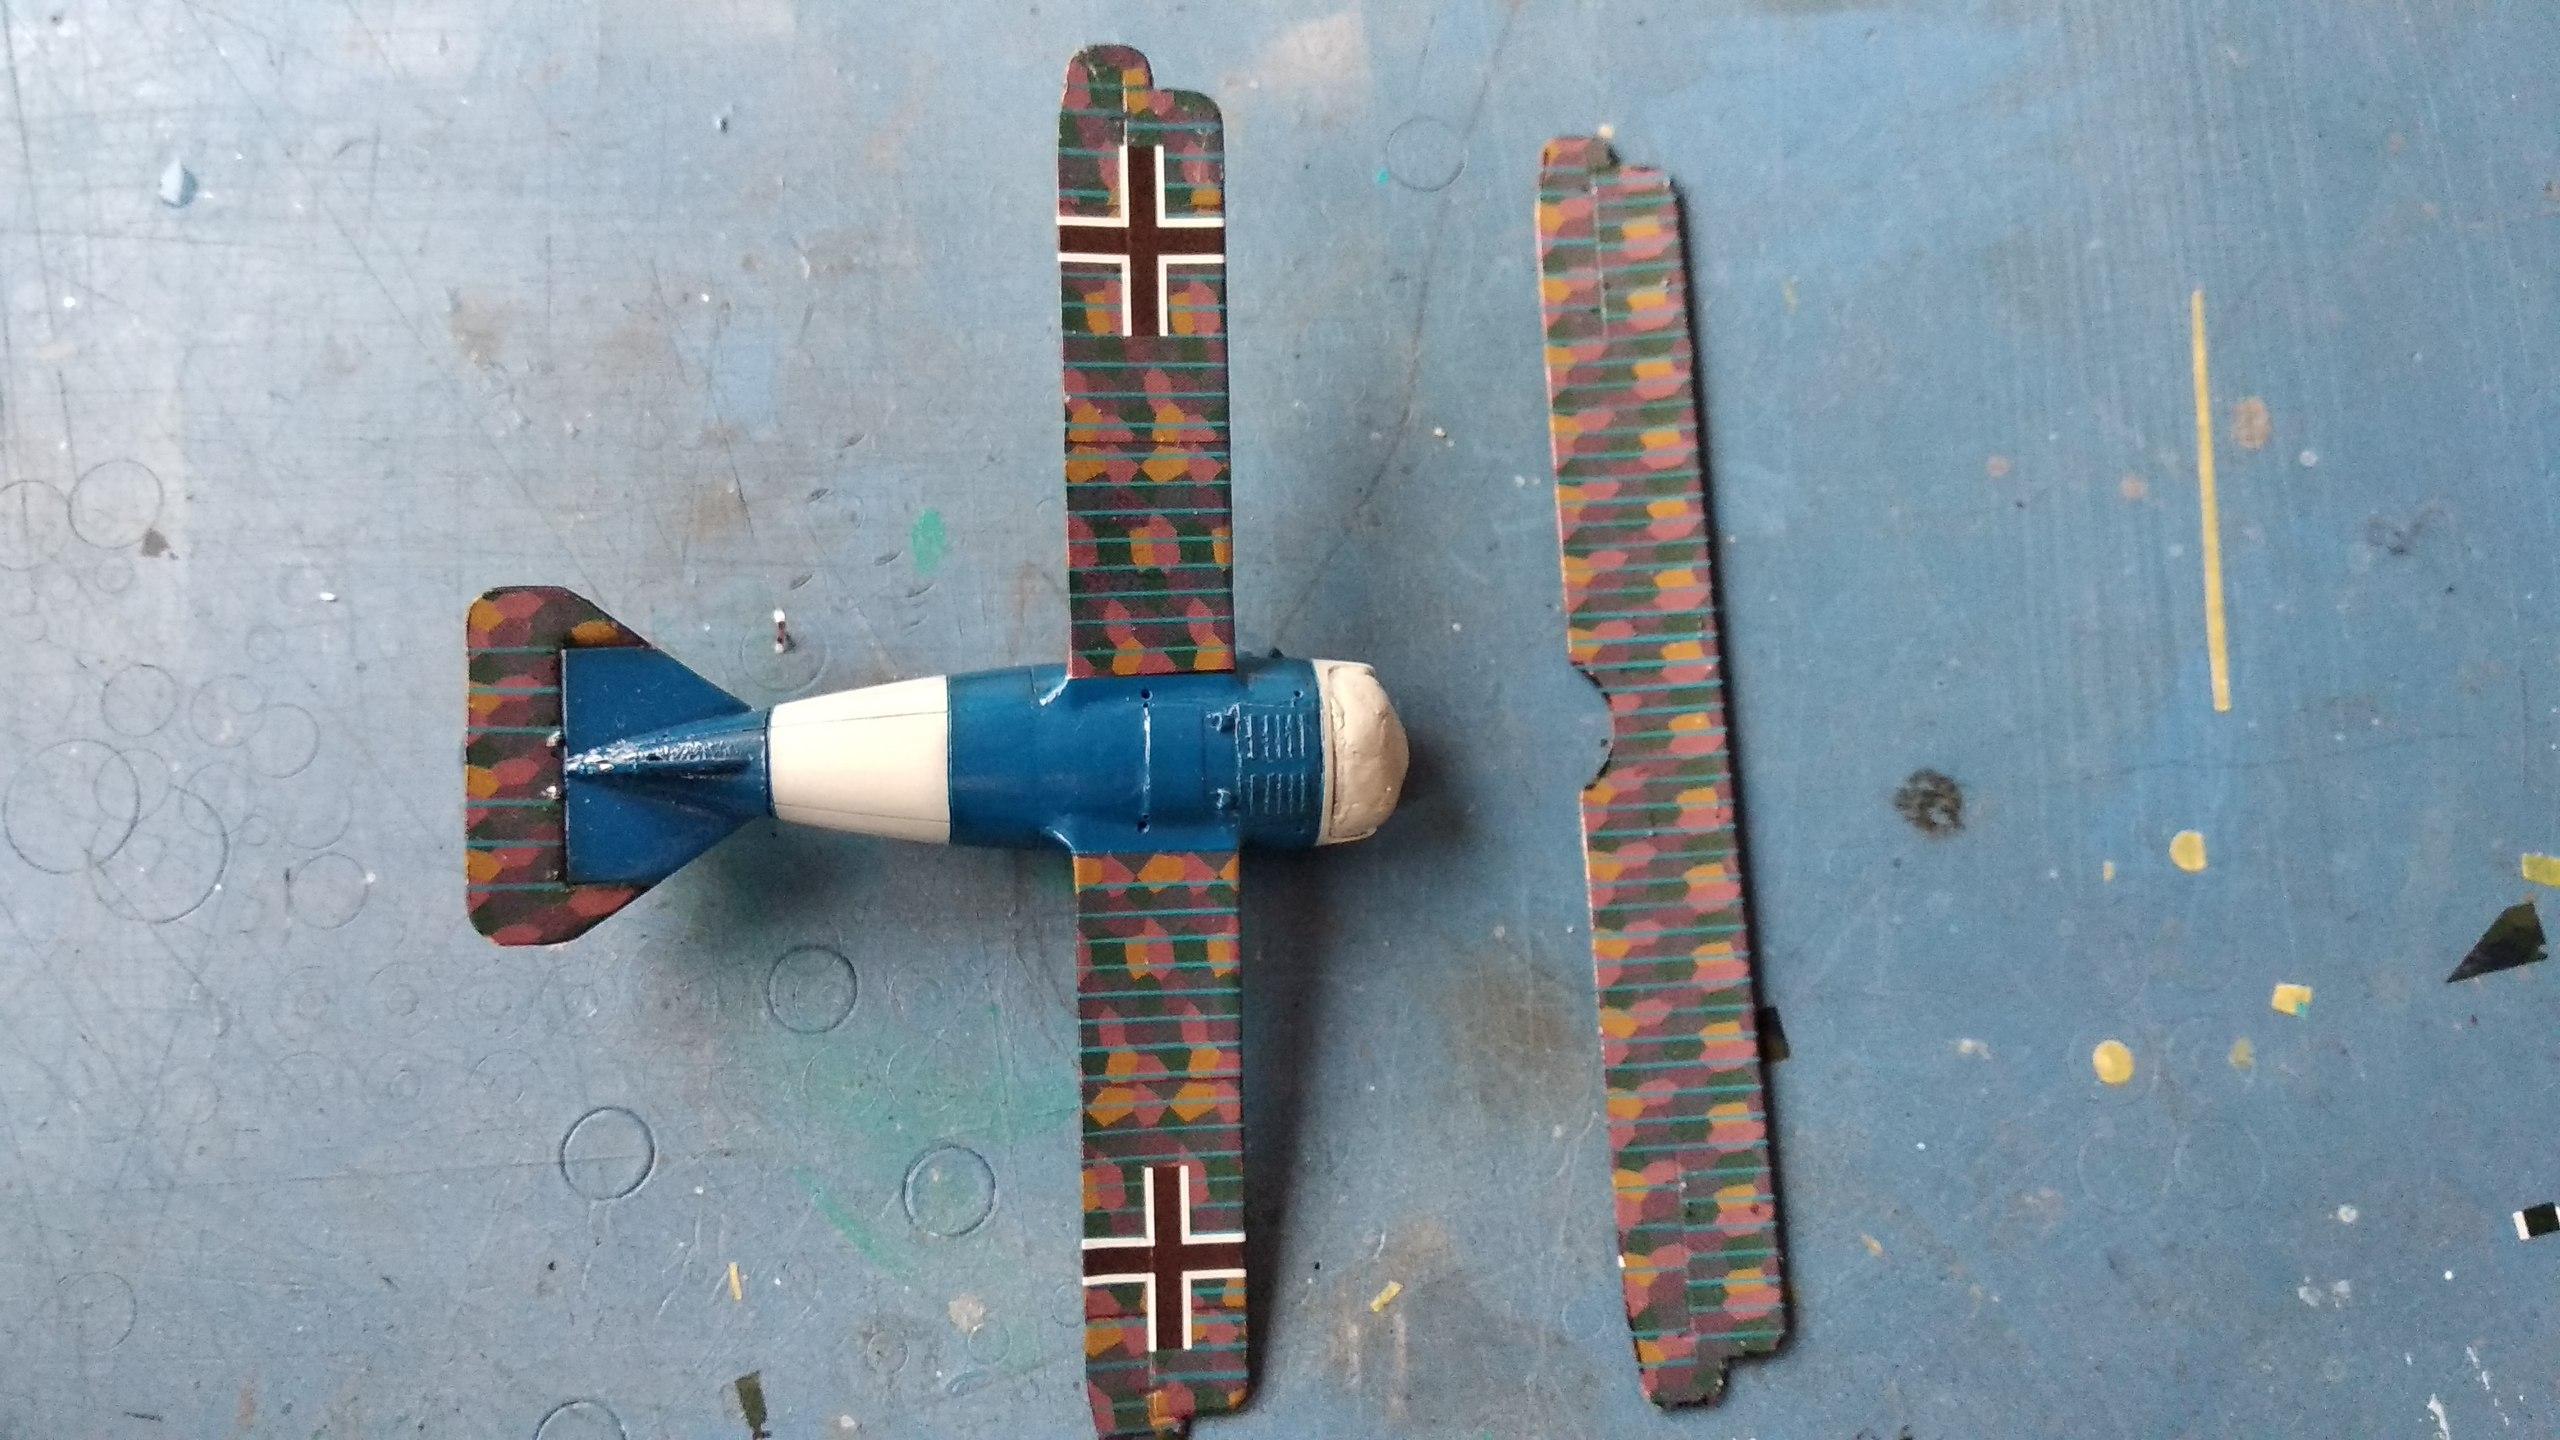 Siemens-Schuckert D.III D.IV 1/72 (ВЭ)  3ClREcc7m88